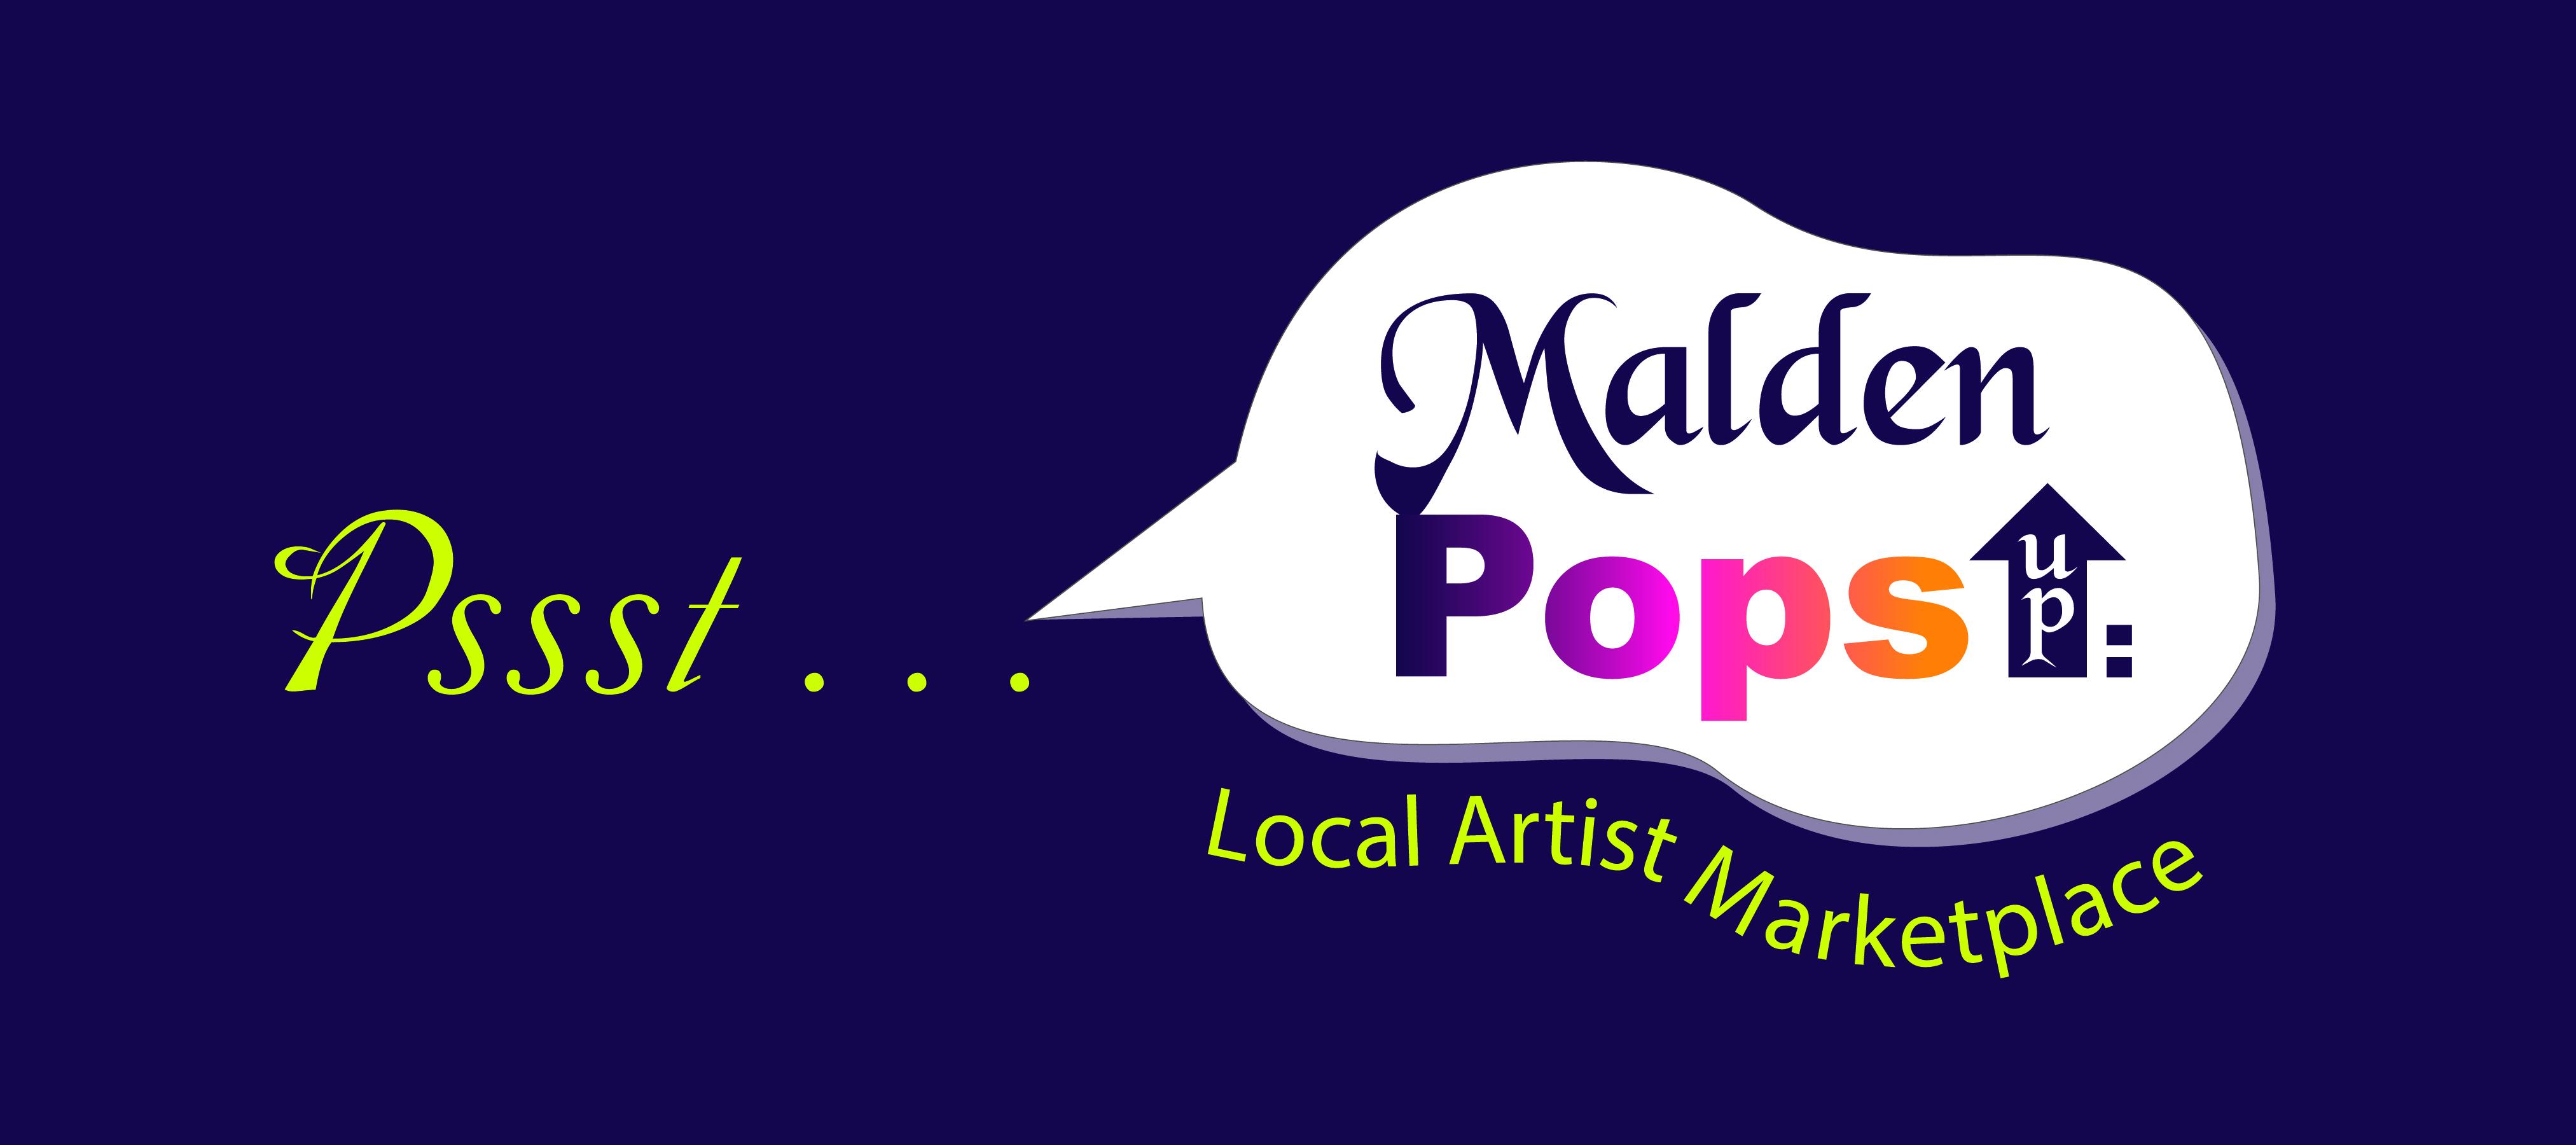 maldenpopsup-logo